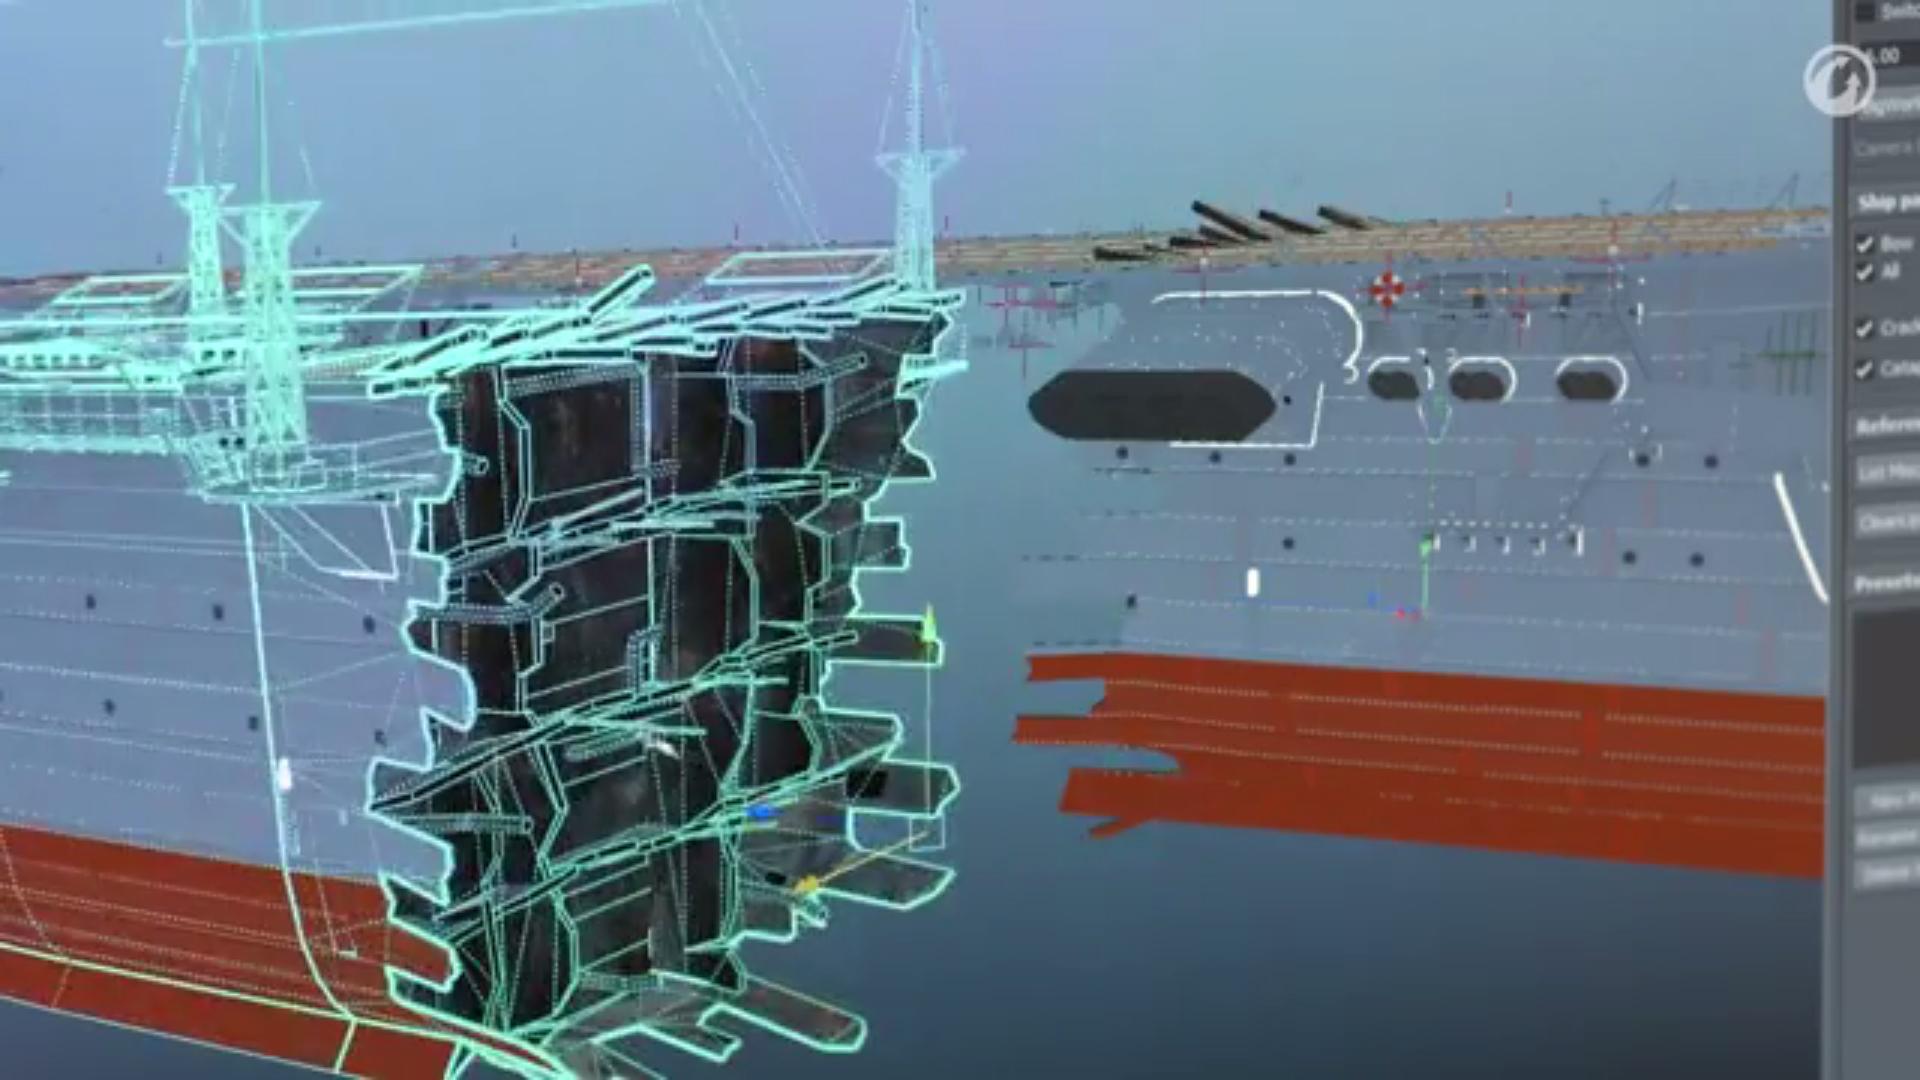 画像集 004 World Of Warships 開発者日記の第5弾を公開 巡洋艦